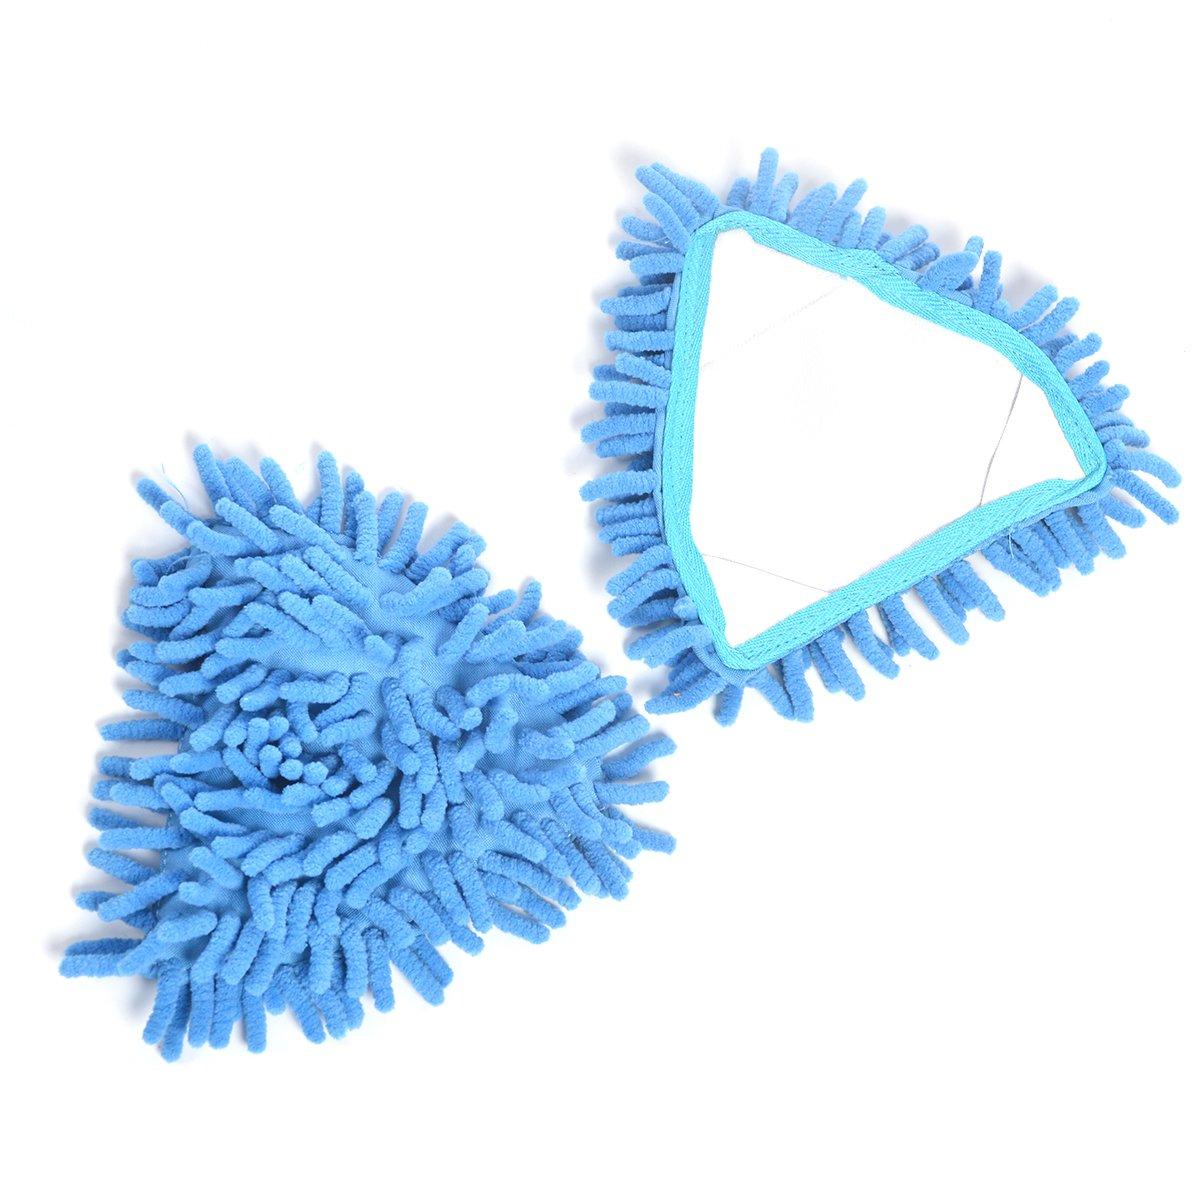 Amazon Com 180 Degrees Rotating Clean Reach Mop